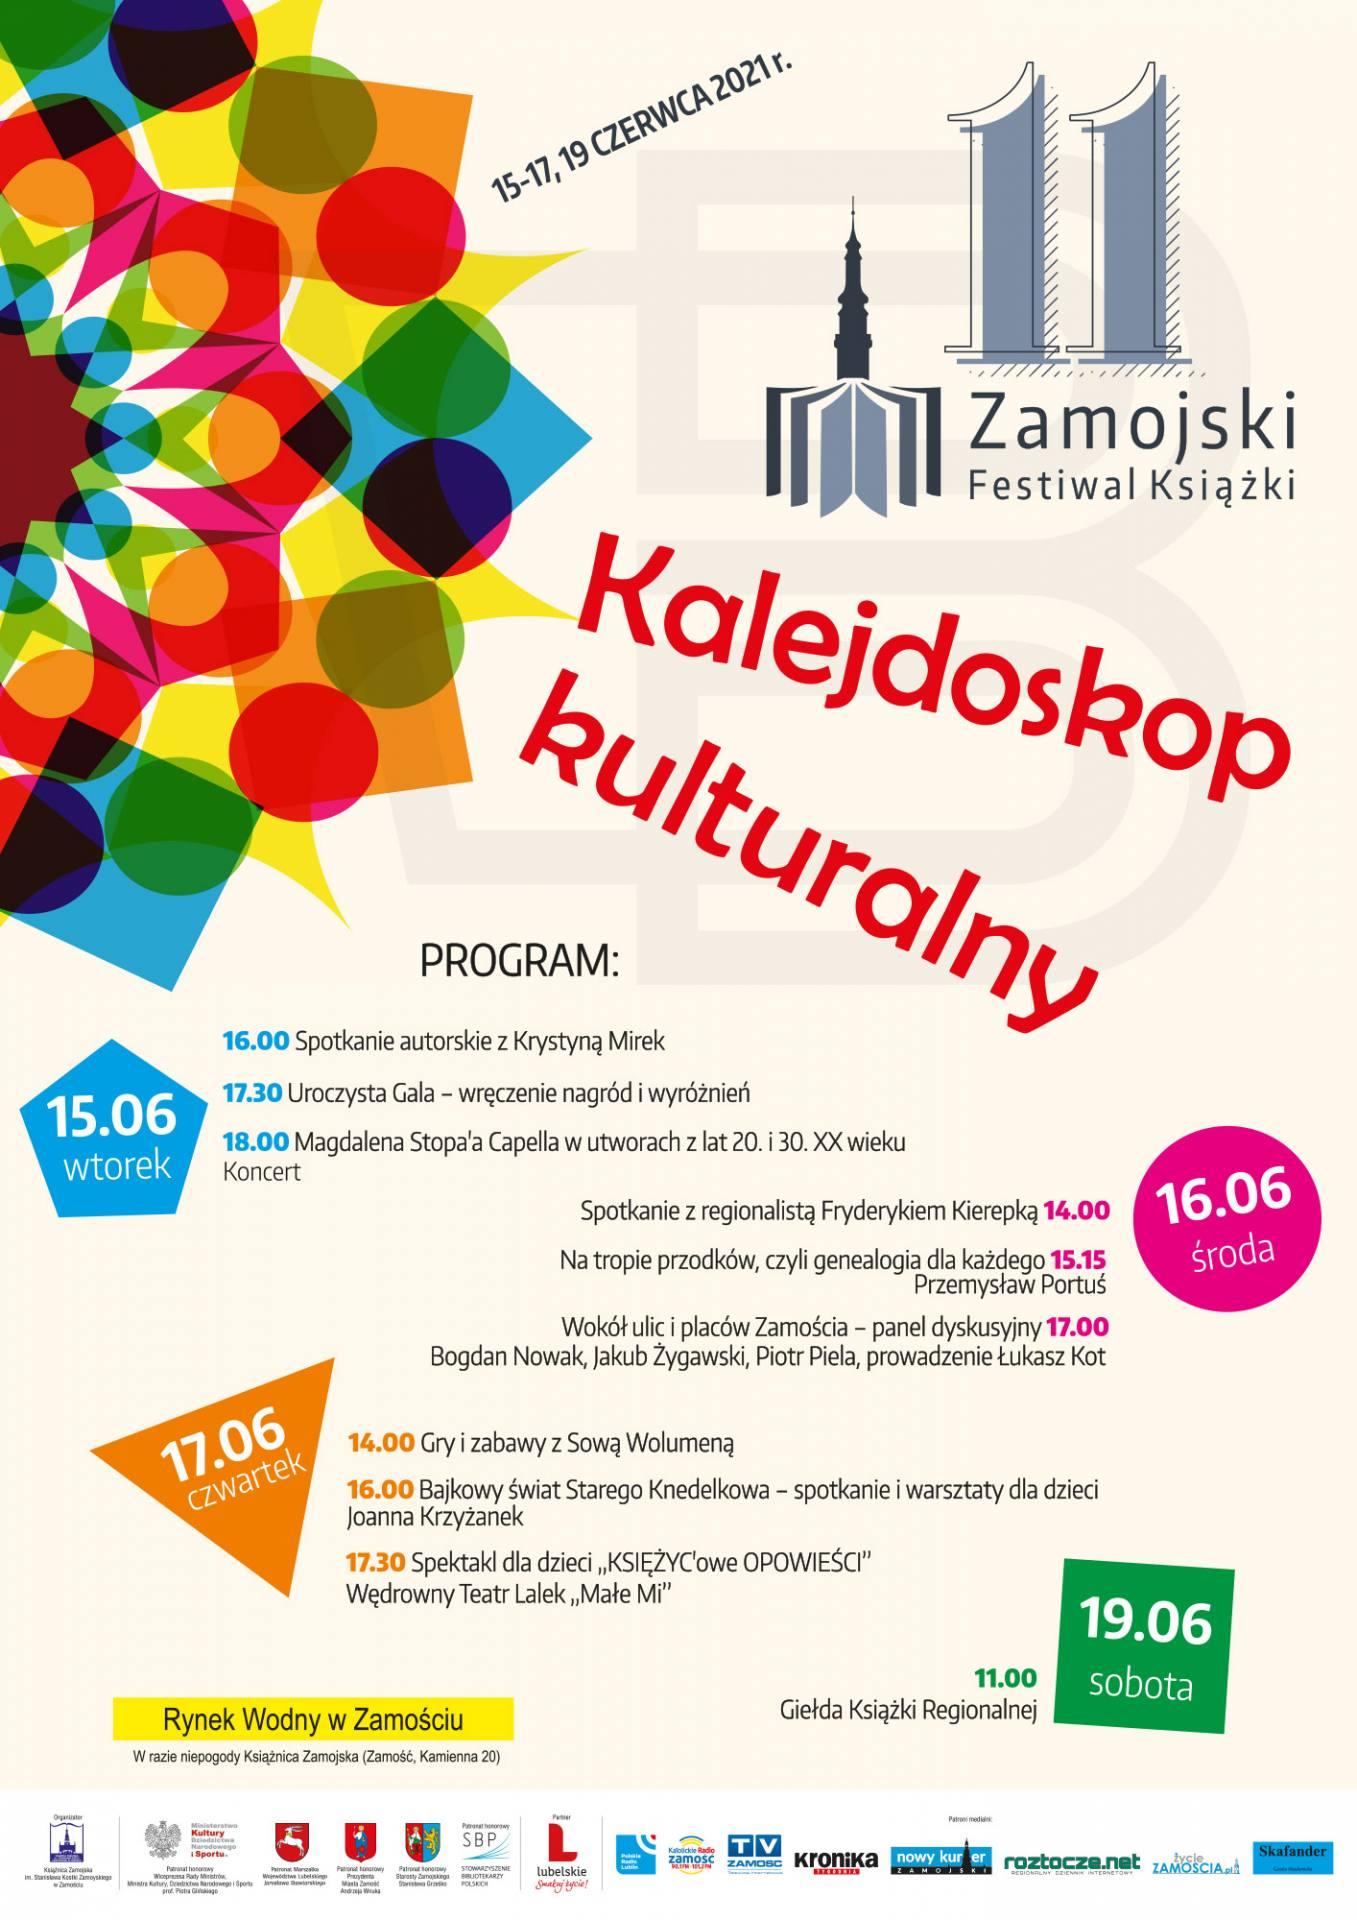 plakat a311zfk21 Dla każdego coś fajnego, czyli 11. Zamojski Festiwal Książki ph. Kalejdoskop kulturalny